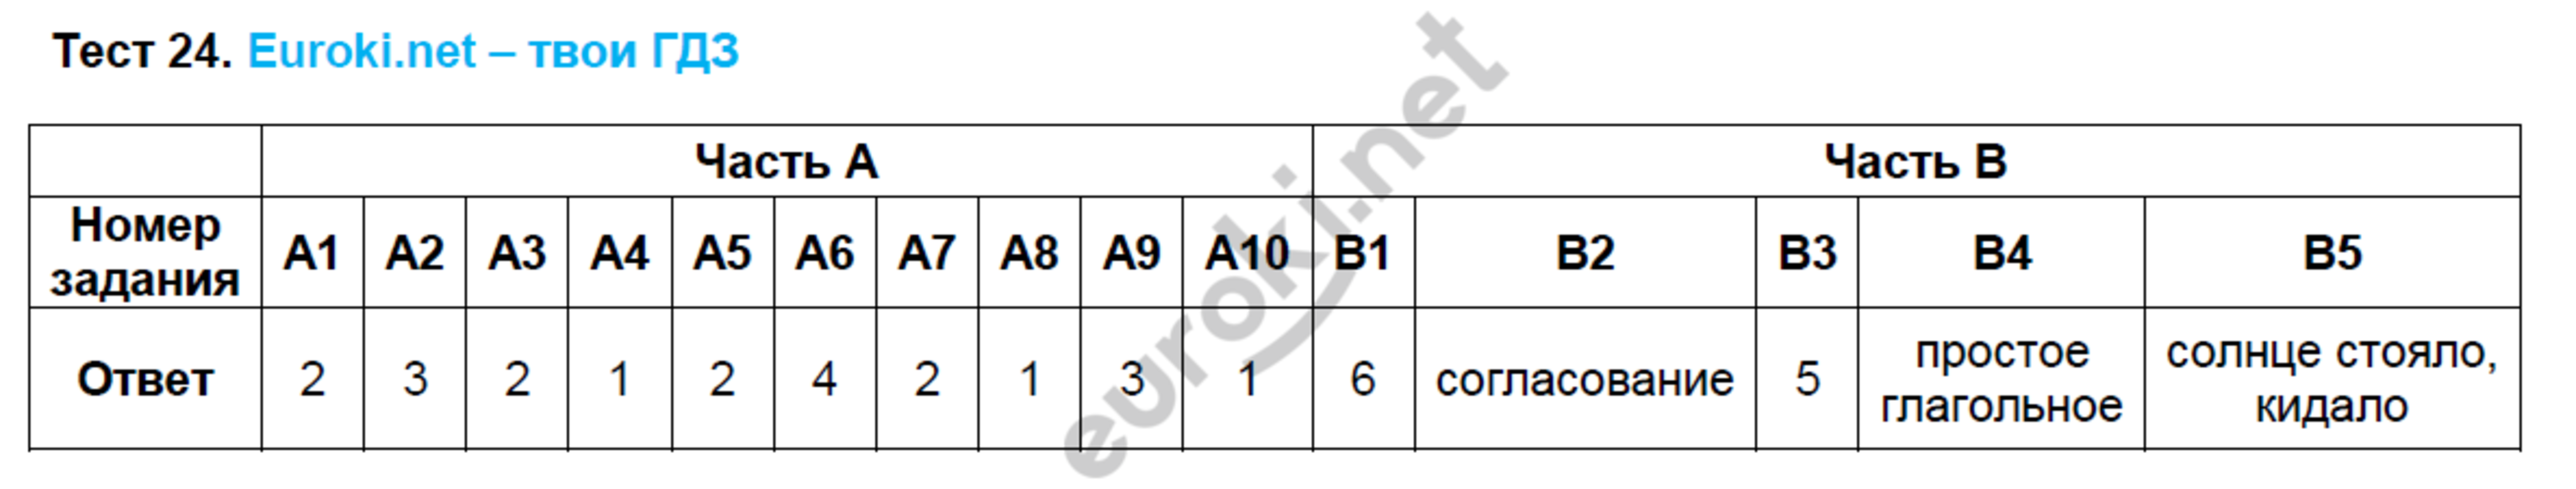 ГДЗ по русскому языку 8 класс тесты Груздева, Разумовская Экзамен ответы и решения онлайн. Задание: Тест 24